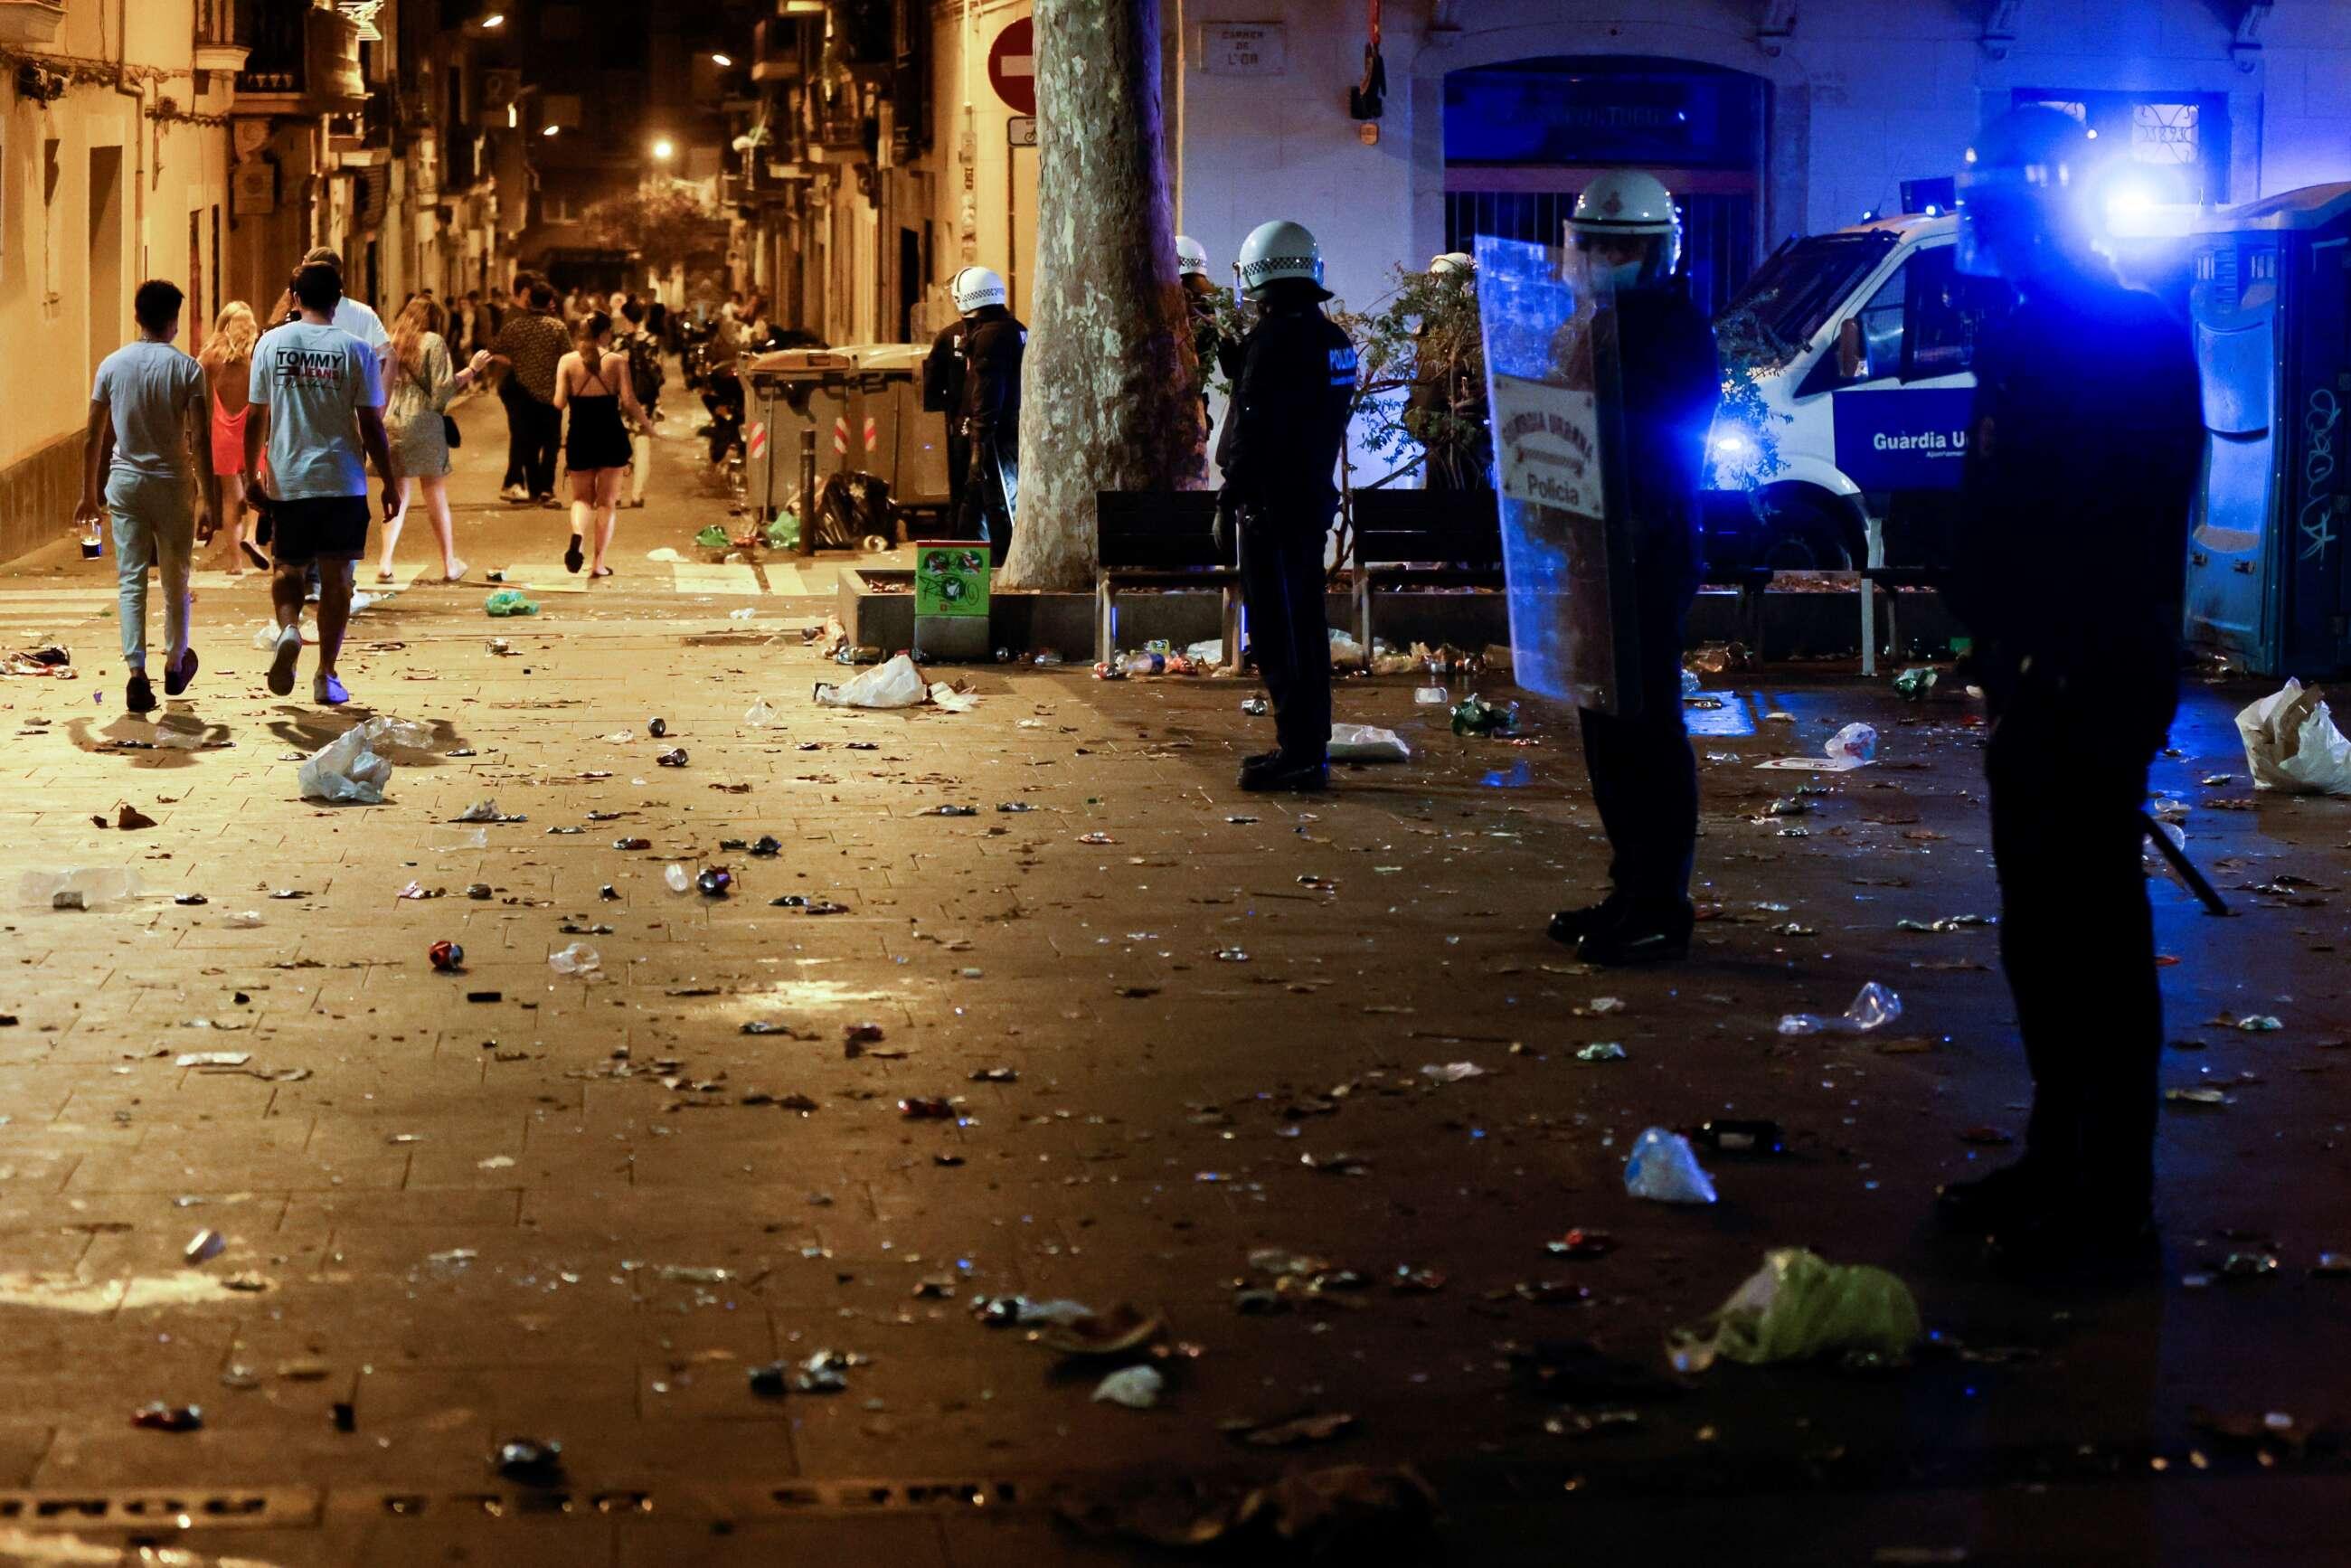 La Guardia Urbana desaloja por aglomeraciones las plazas del barrio Gràcia de Barcelona de la ciudad durante sus fiestas / EFE